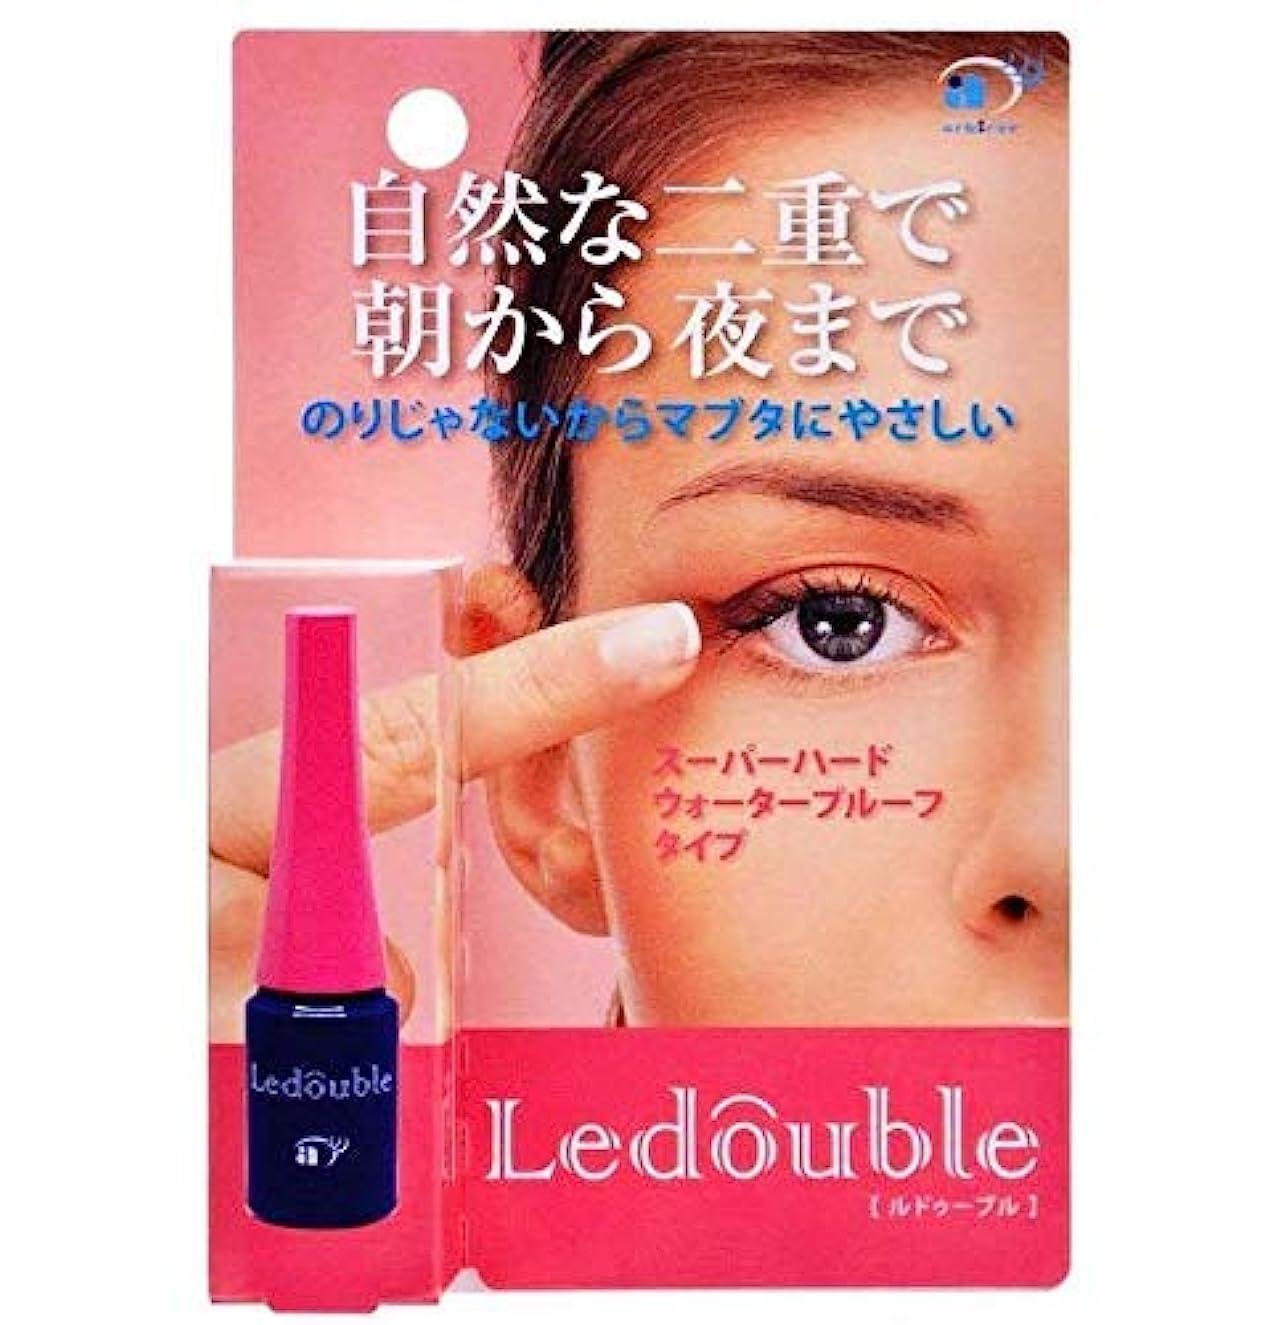 順応性詳細な貯水池ルドゥーブル 2mL 二重まぶた 化粧品